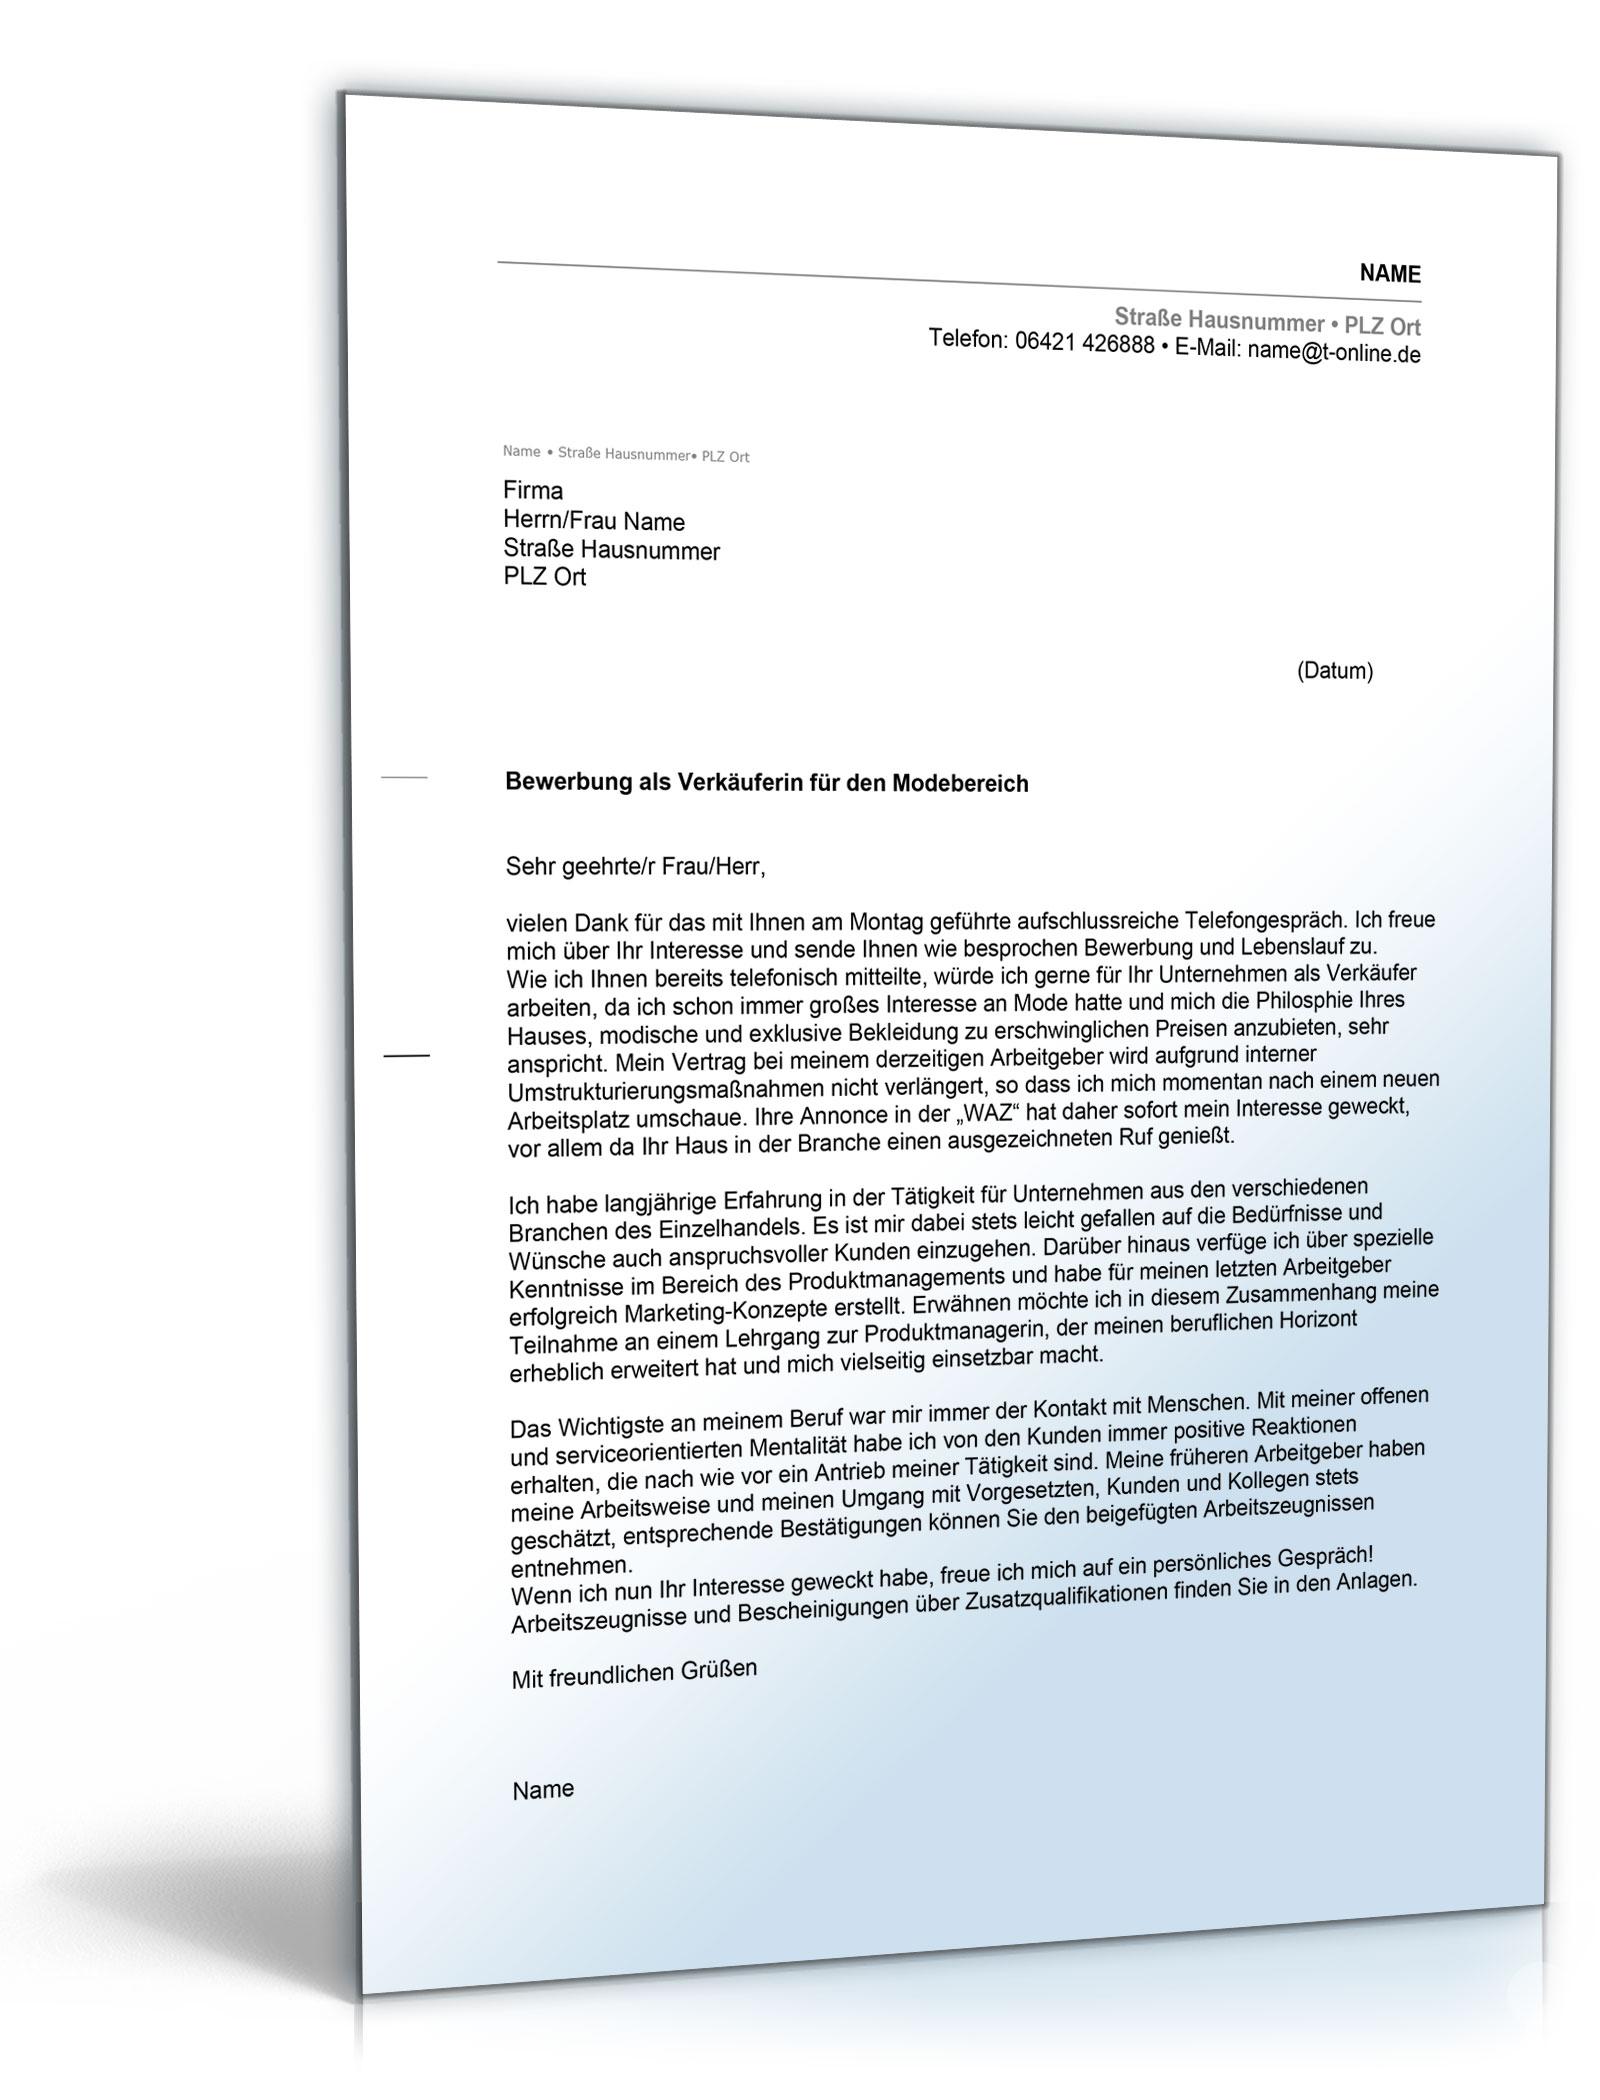 fleischereifachverkufer anschreiben bewerbung verkufer word dokument amazonde software - Verkauferin Bewerbung